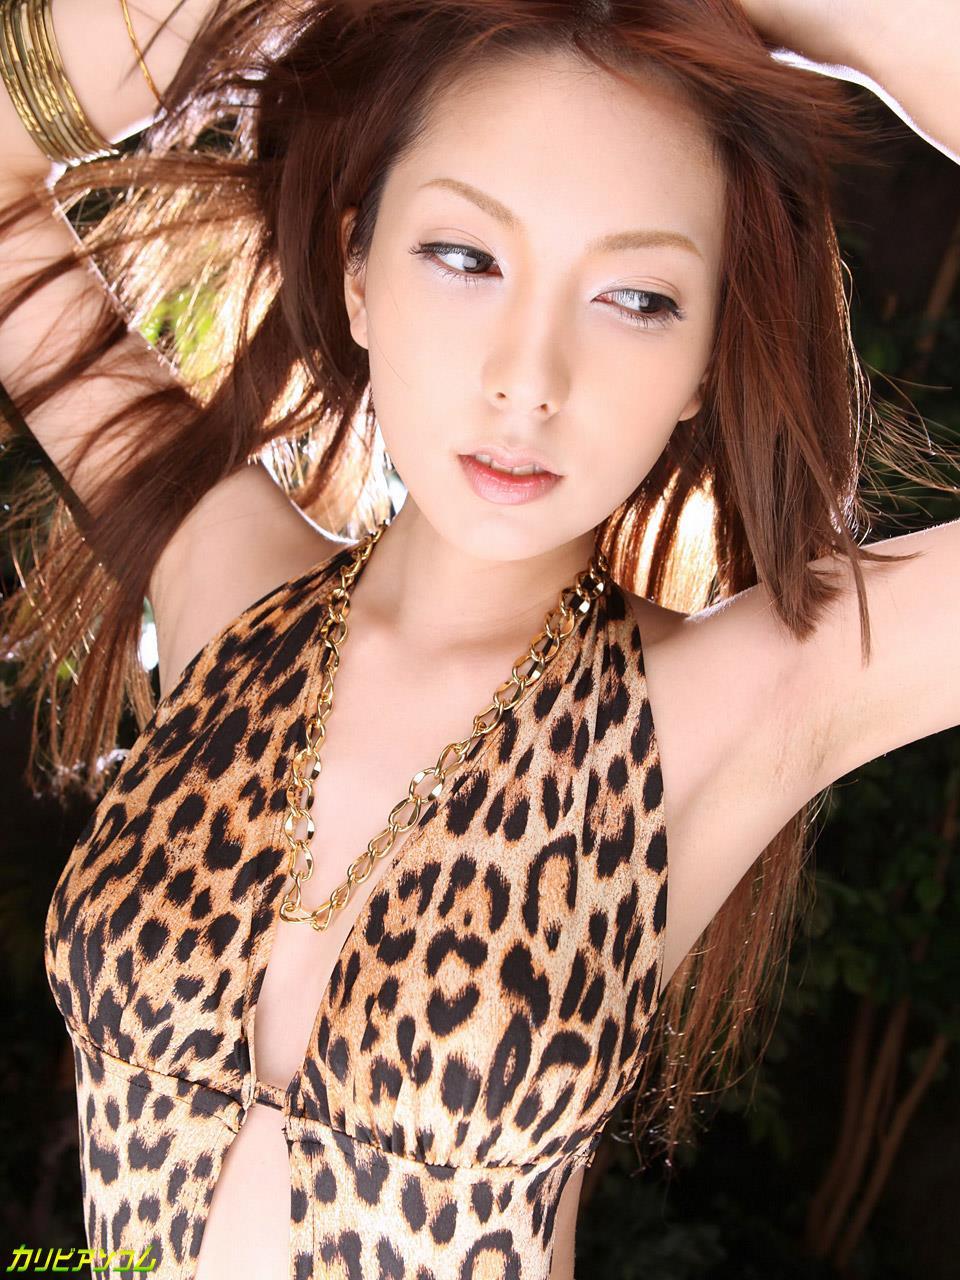 波多野結衣 カリビアンコム画像 48